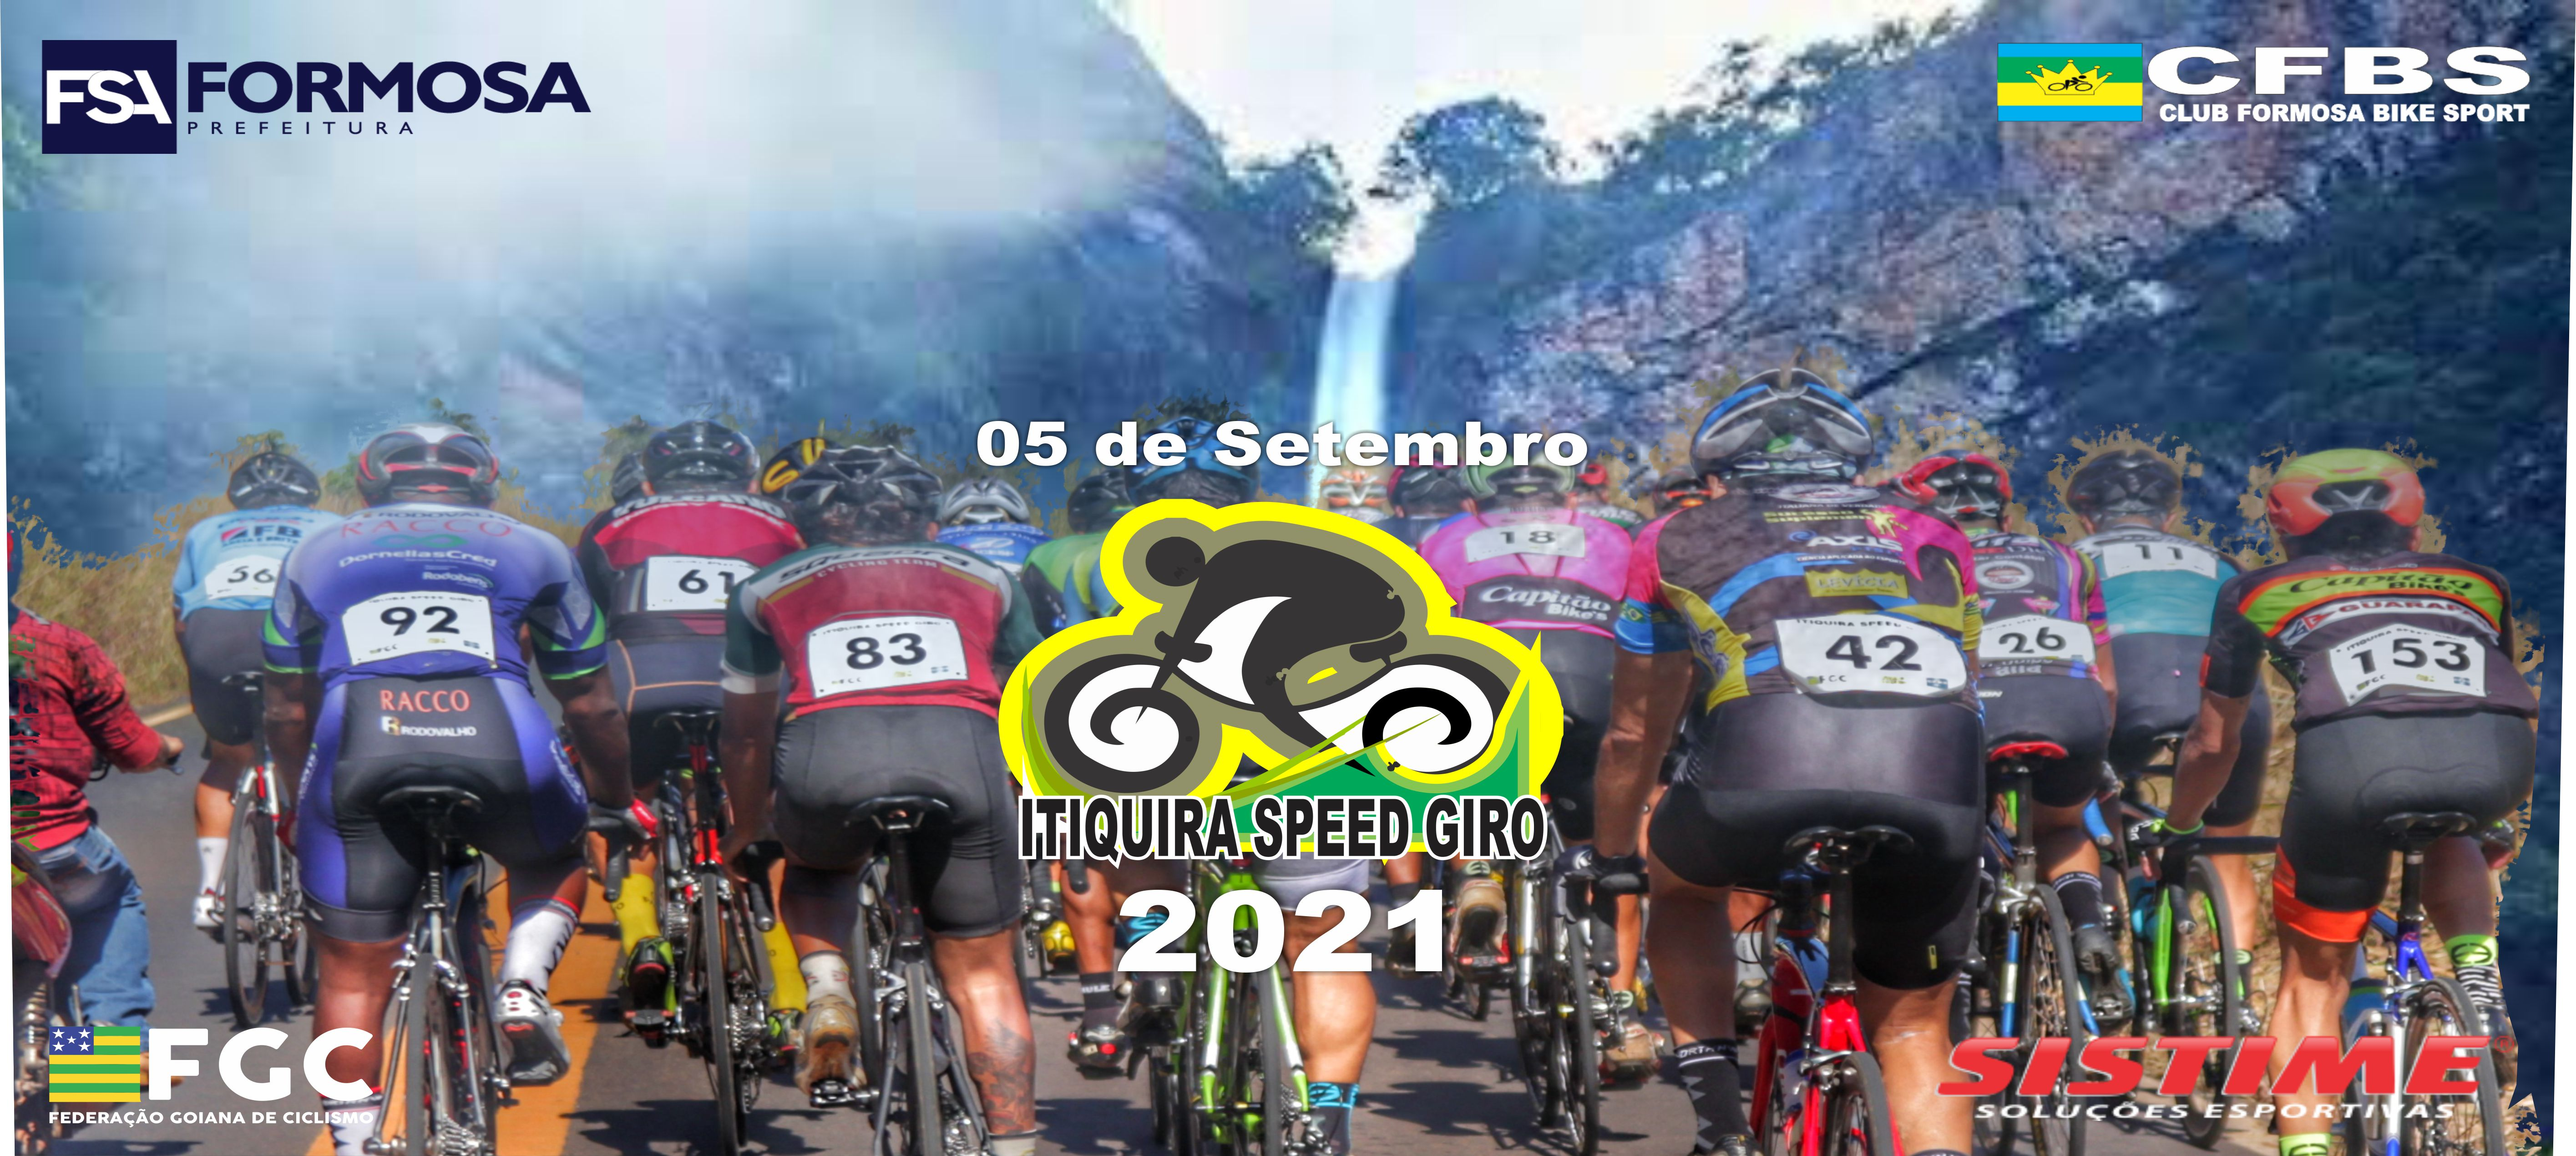 itiquira-speed-giro-2021-01